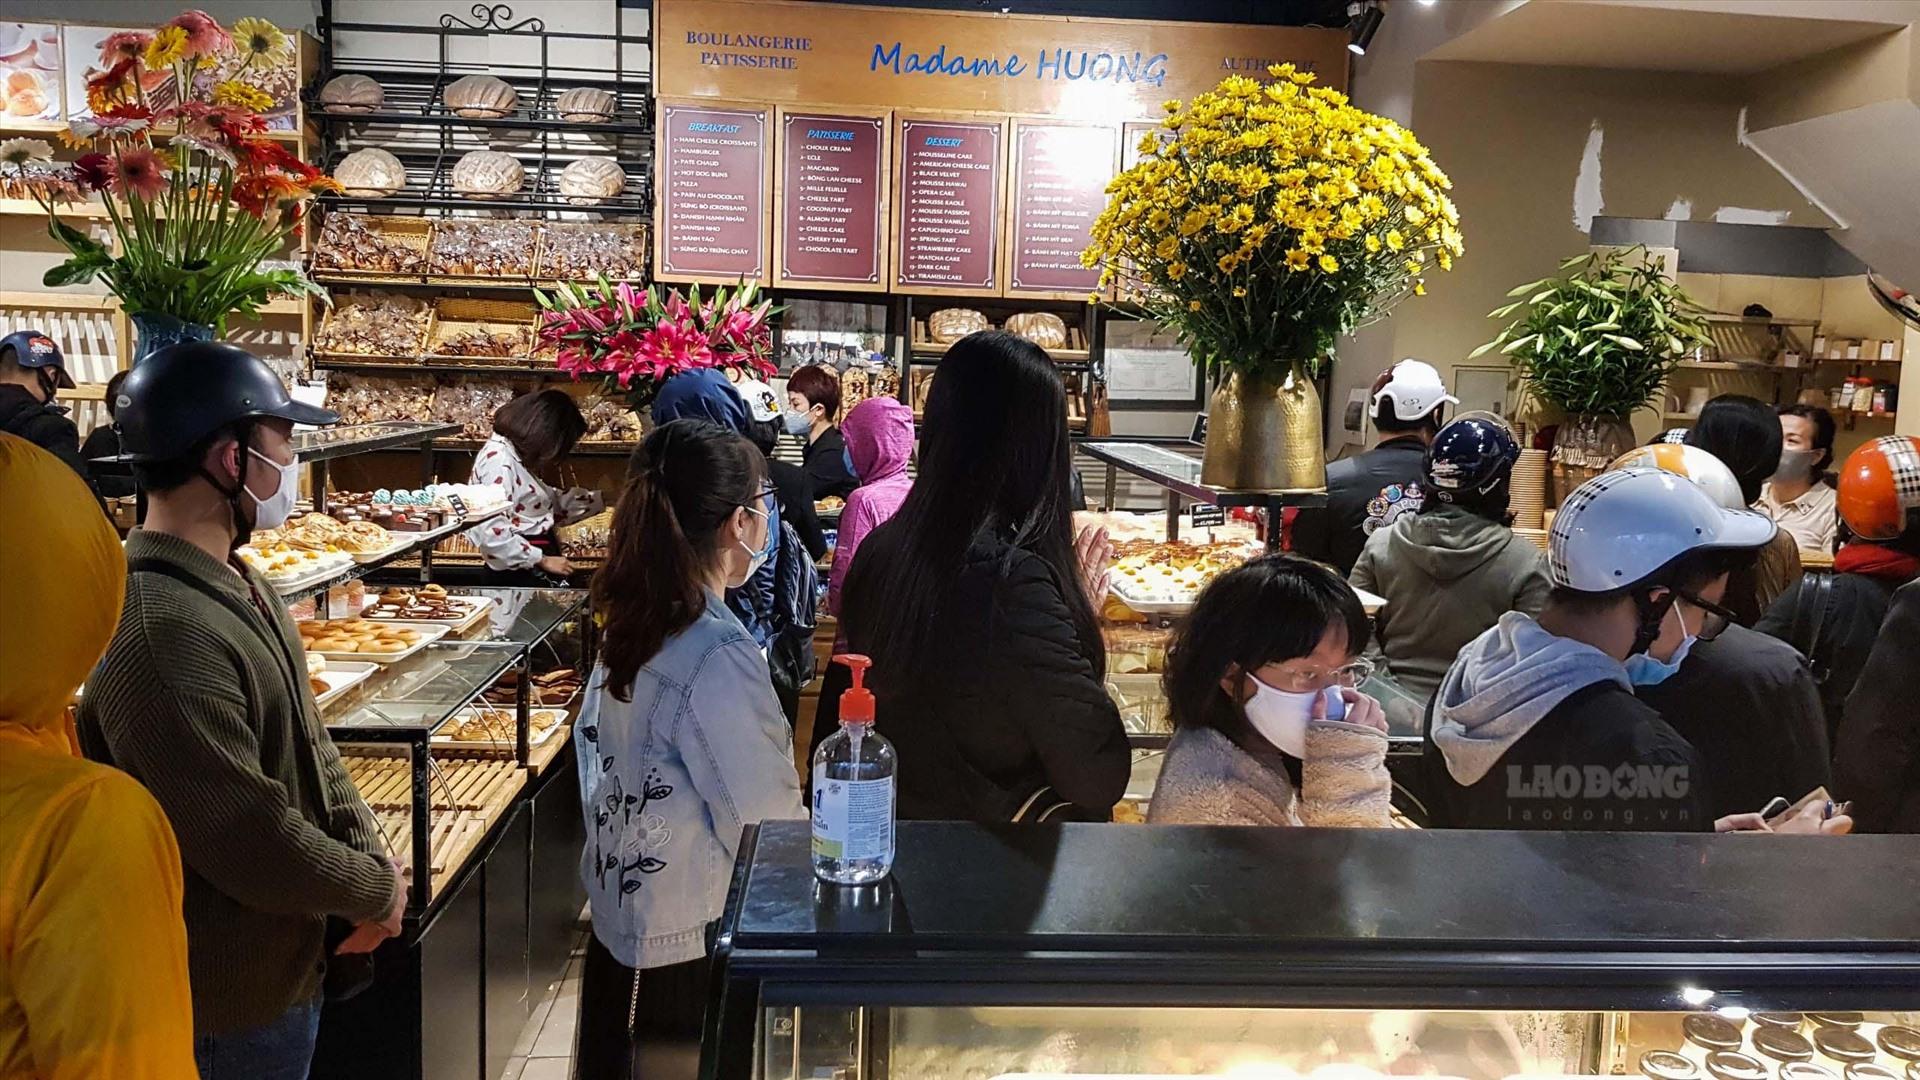 Bất chấp dịch Vũ Hán, người dân chen chúc xếp hàng mua bánh Madame Huong. (Ảnh qua laodong)